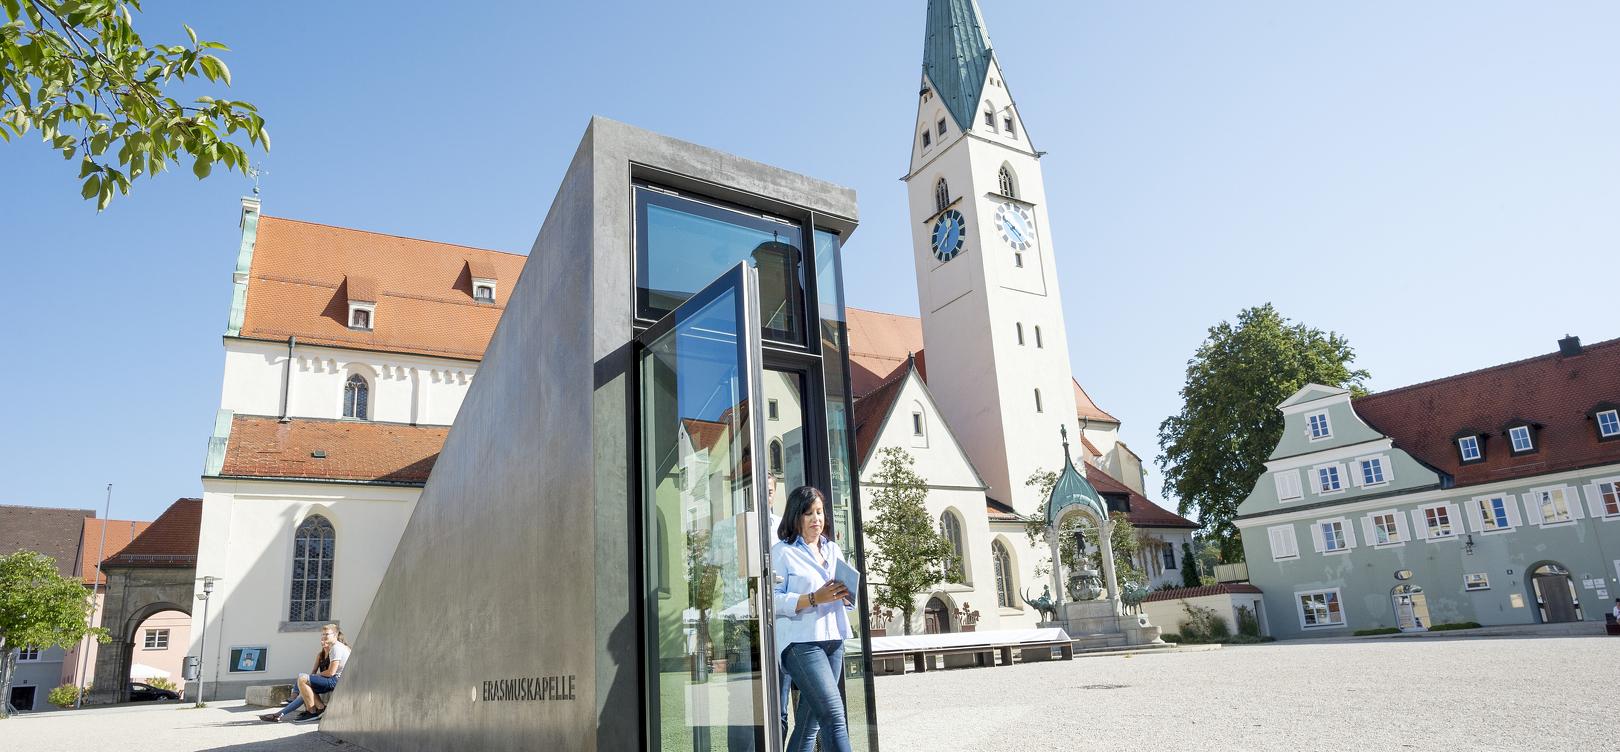 Der Eingang zum Schauraum Erasmuskapelle auf dem St.-Mang-Platz und im Hintergrund die St.-Mang-Kirche